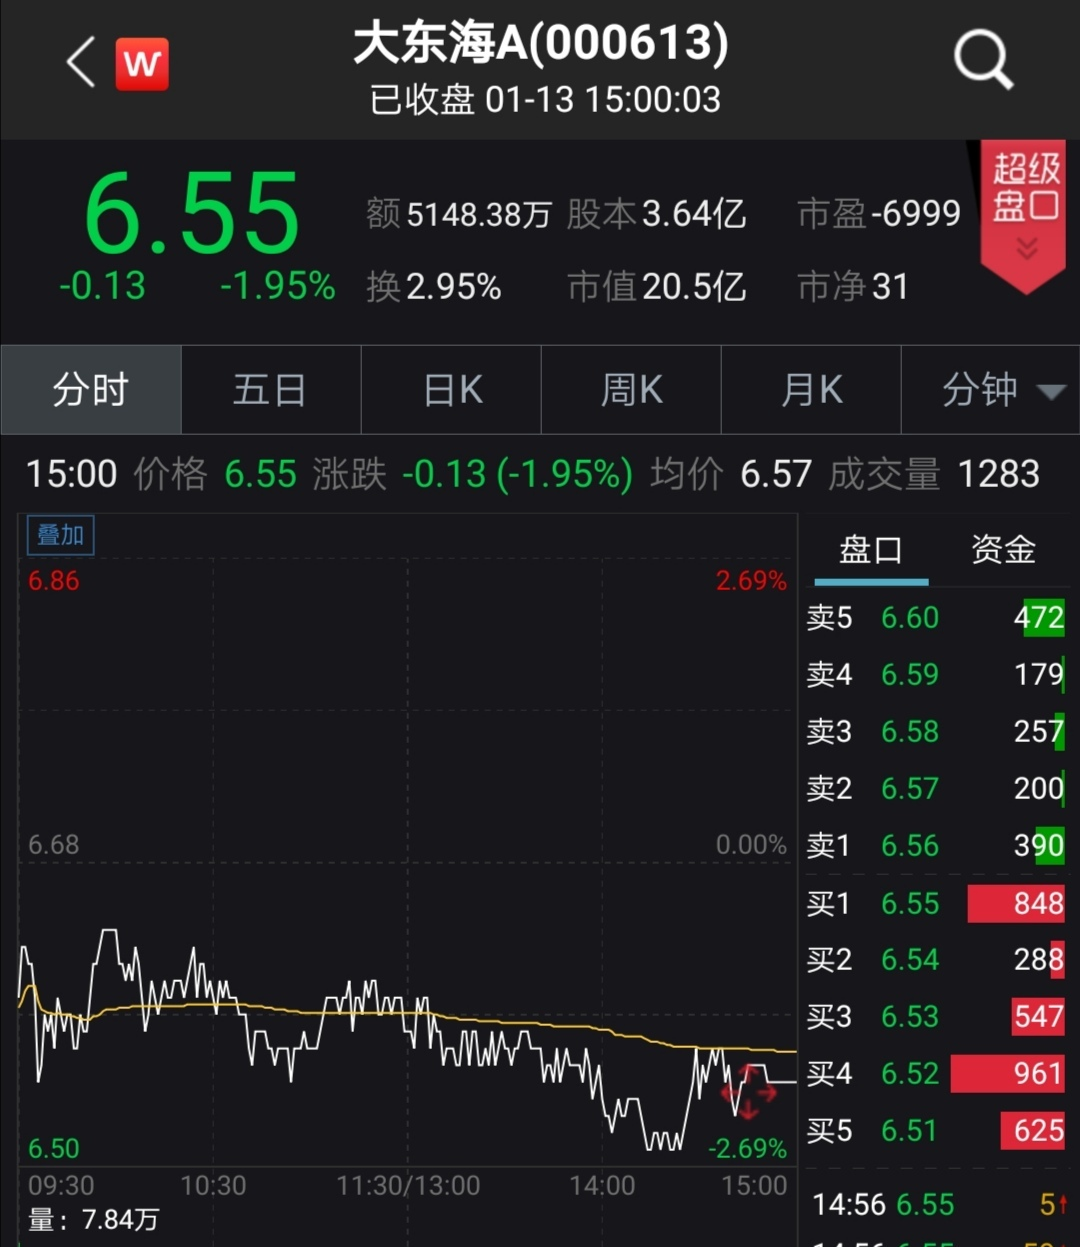 大东海A预计2019年净利不超120万元 今日股价下跌1.95%